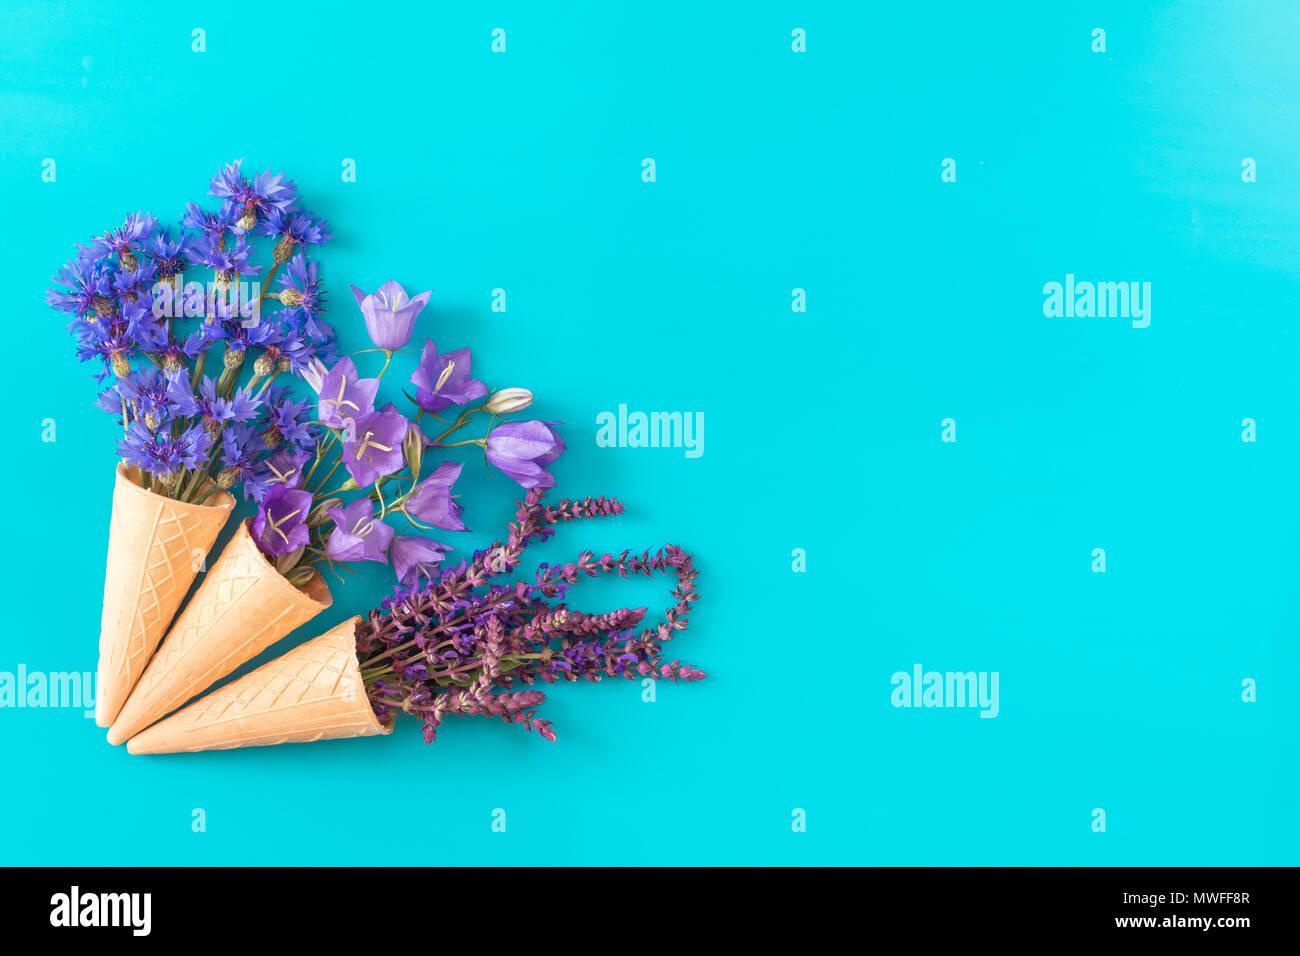 Tre coni di cialda con timo, Fiordaliso, Blue Bells e fiori bianchi blossom mazzi sulla superficie blu. Appartamento laico, vista dall'alto dello sfondo floreale. Immagini Stock